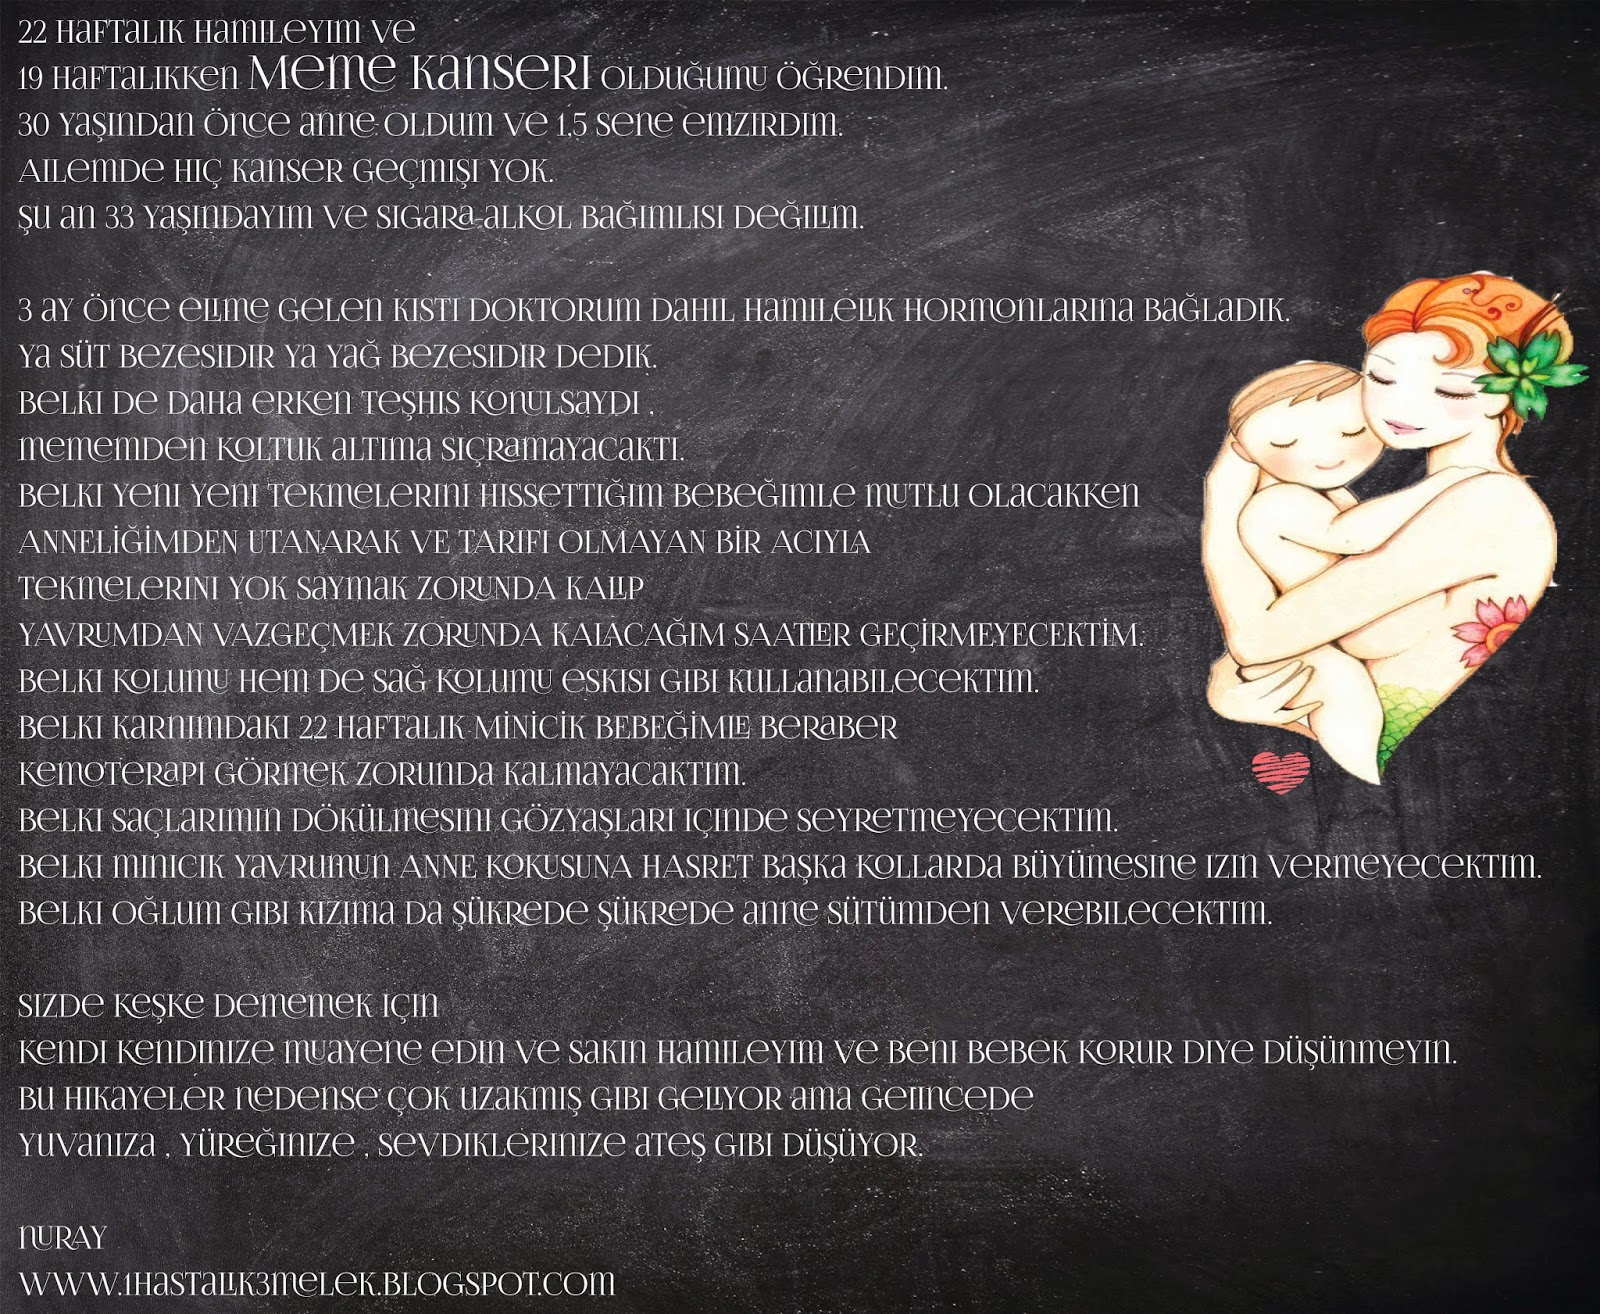 http://1hastalik3melek.blogspot.com.tr/